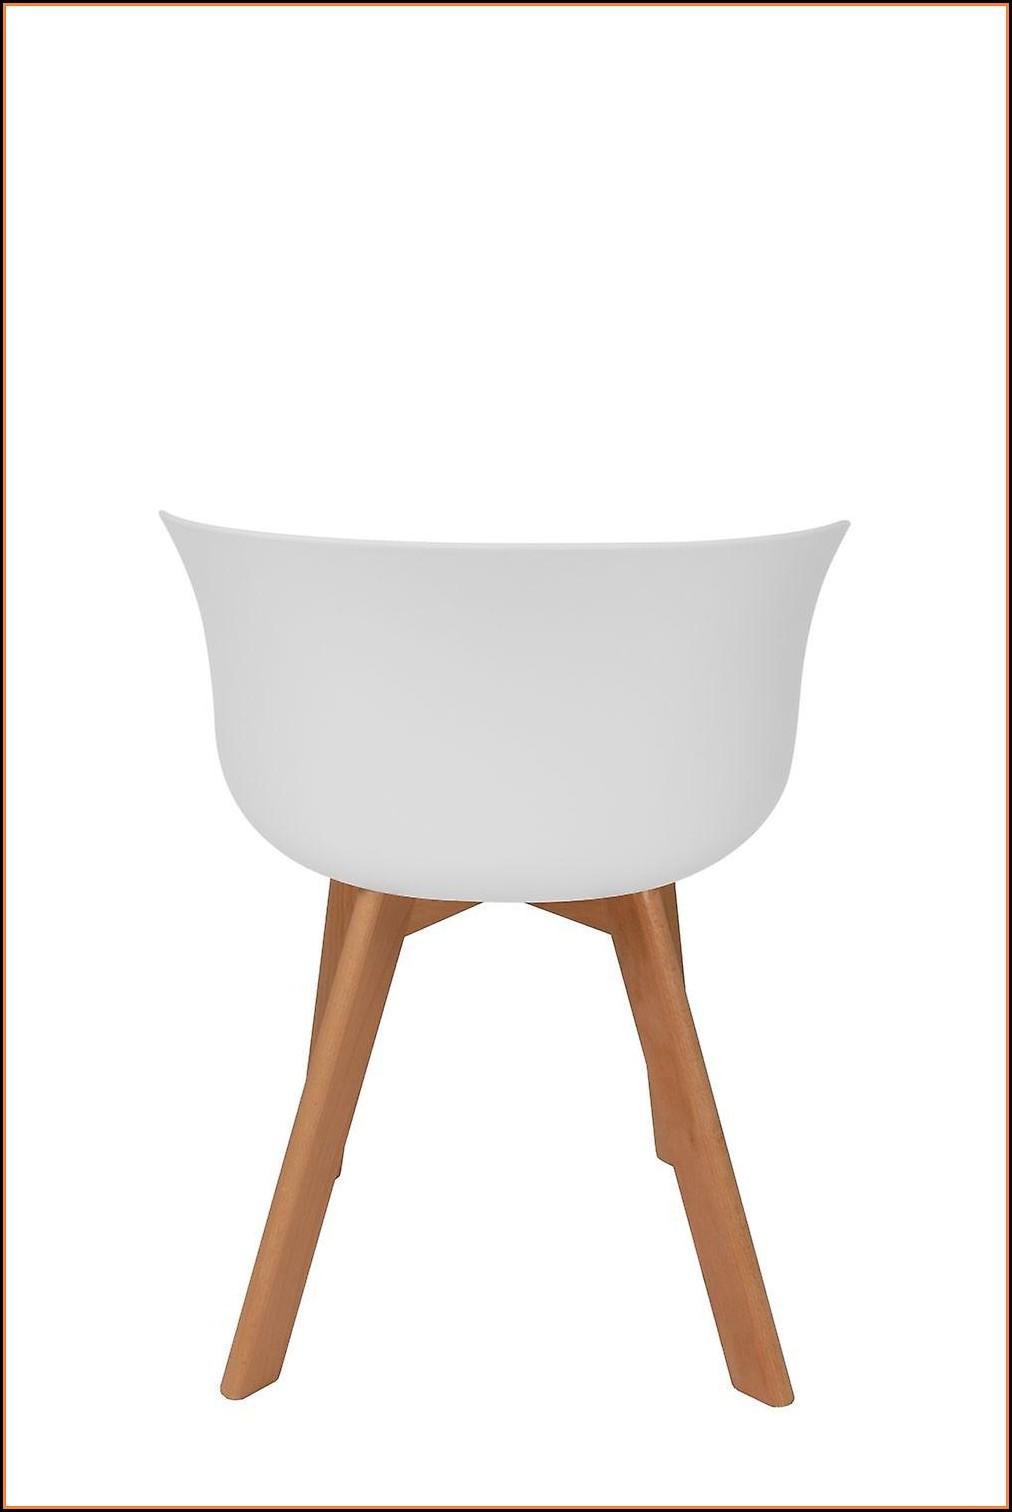 Esszimmerstuhl Weiß Holz